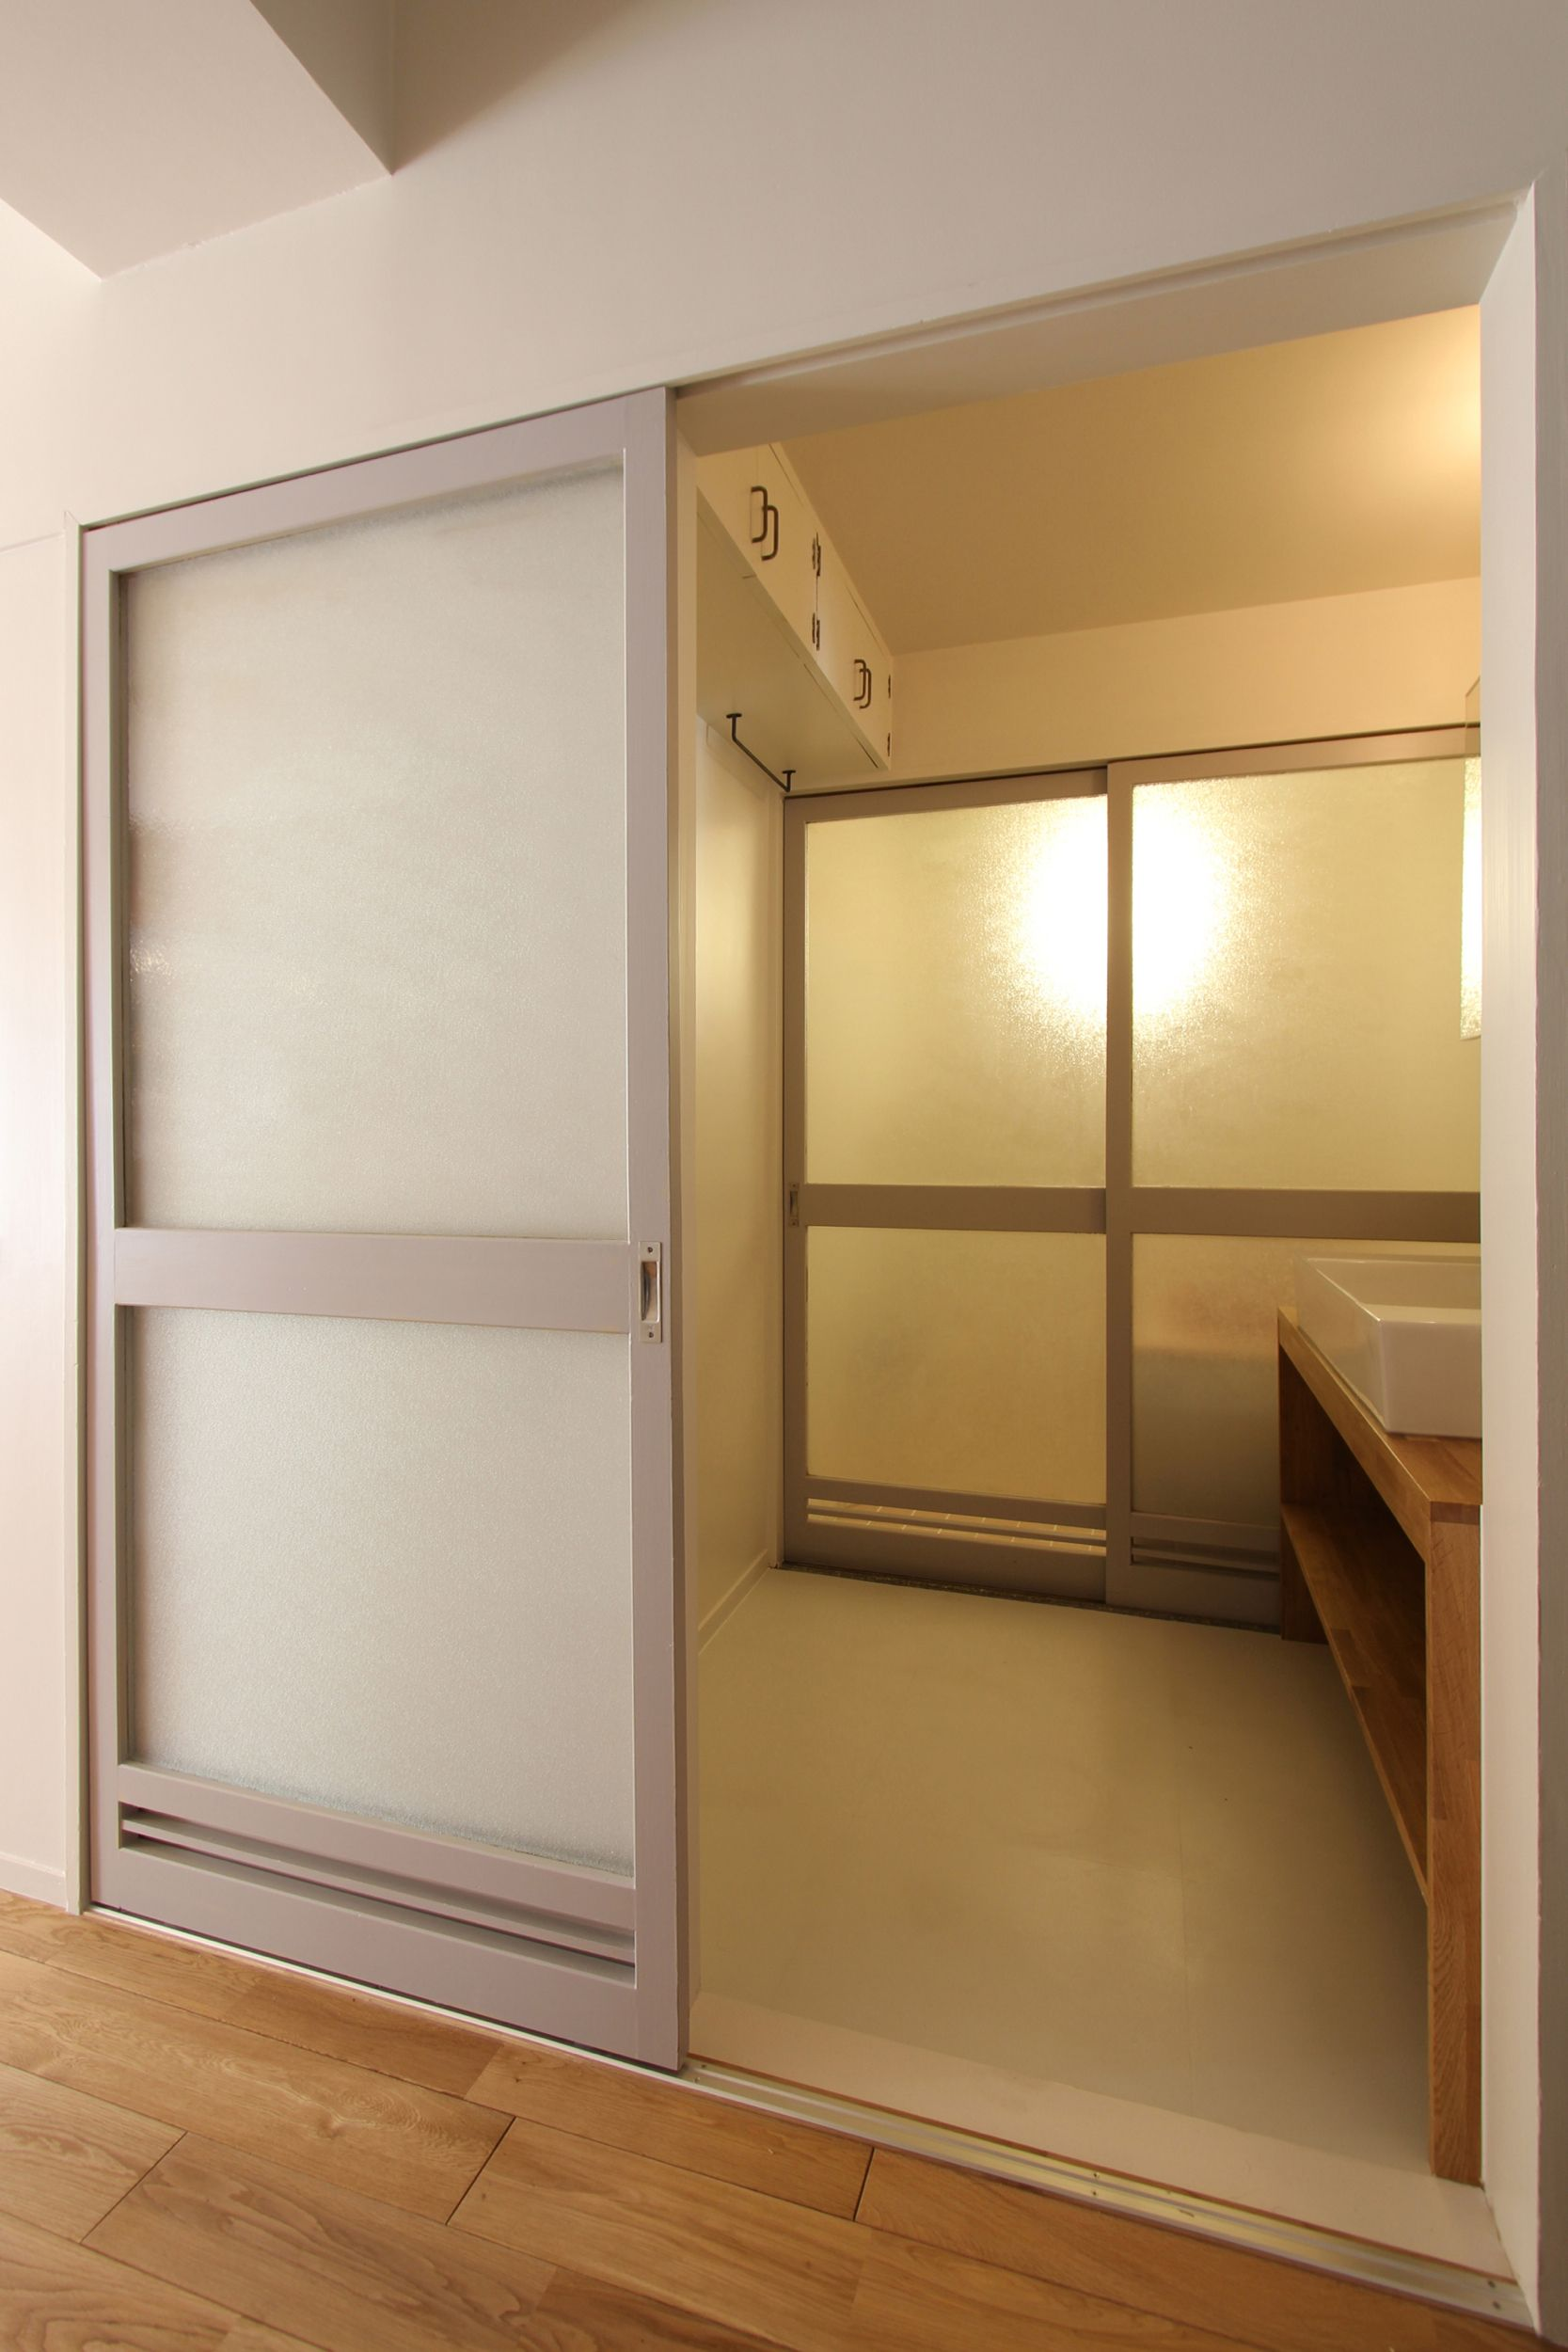 Door 扉 引戸 ハンドル ドア リノベーション リフォーム フィールド